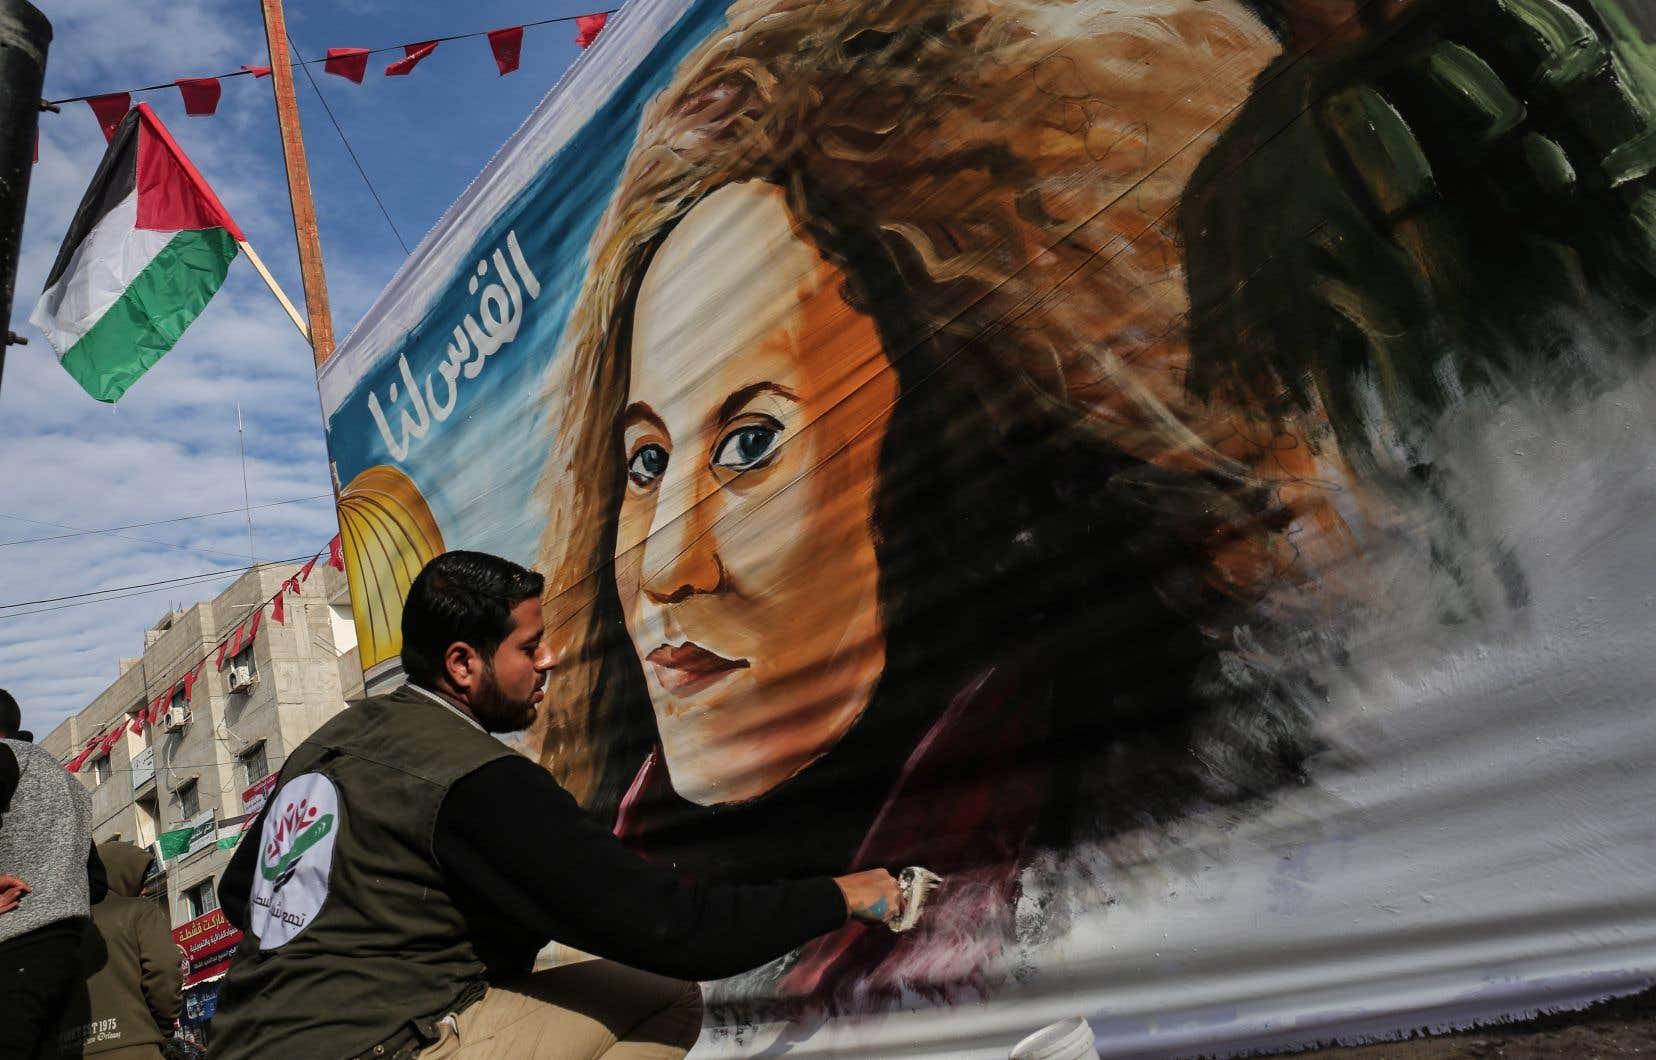 L'affaire Tamimi a trouvé un large écho chez les Palestiniens qui louent en l'adolescente un exemple de courage face aux abus israéliens dans les territoires palestiniens occupés.